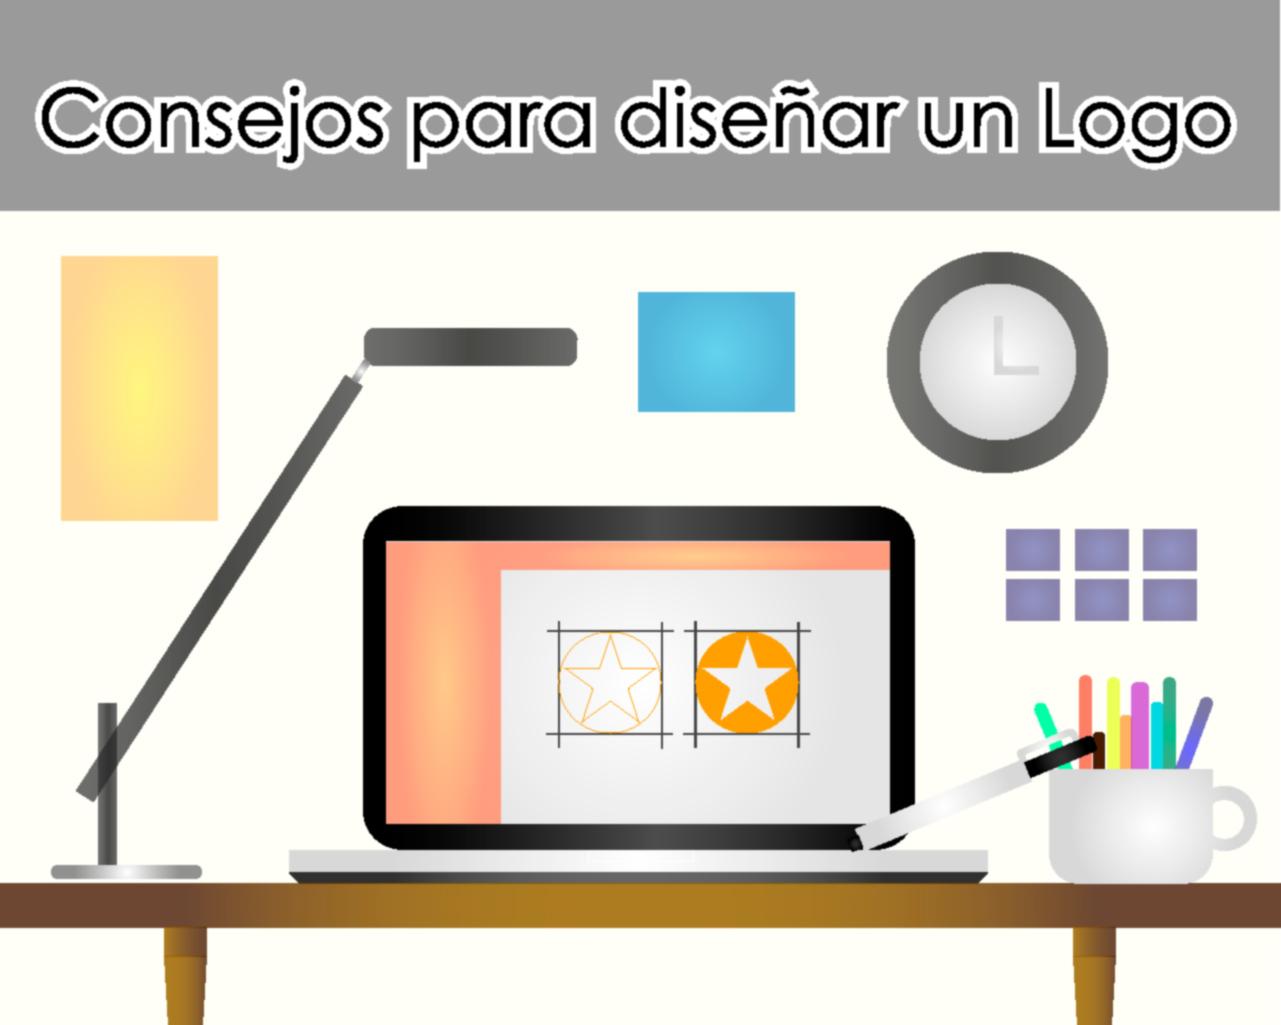 Consejos para diseñar un logo